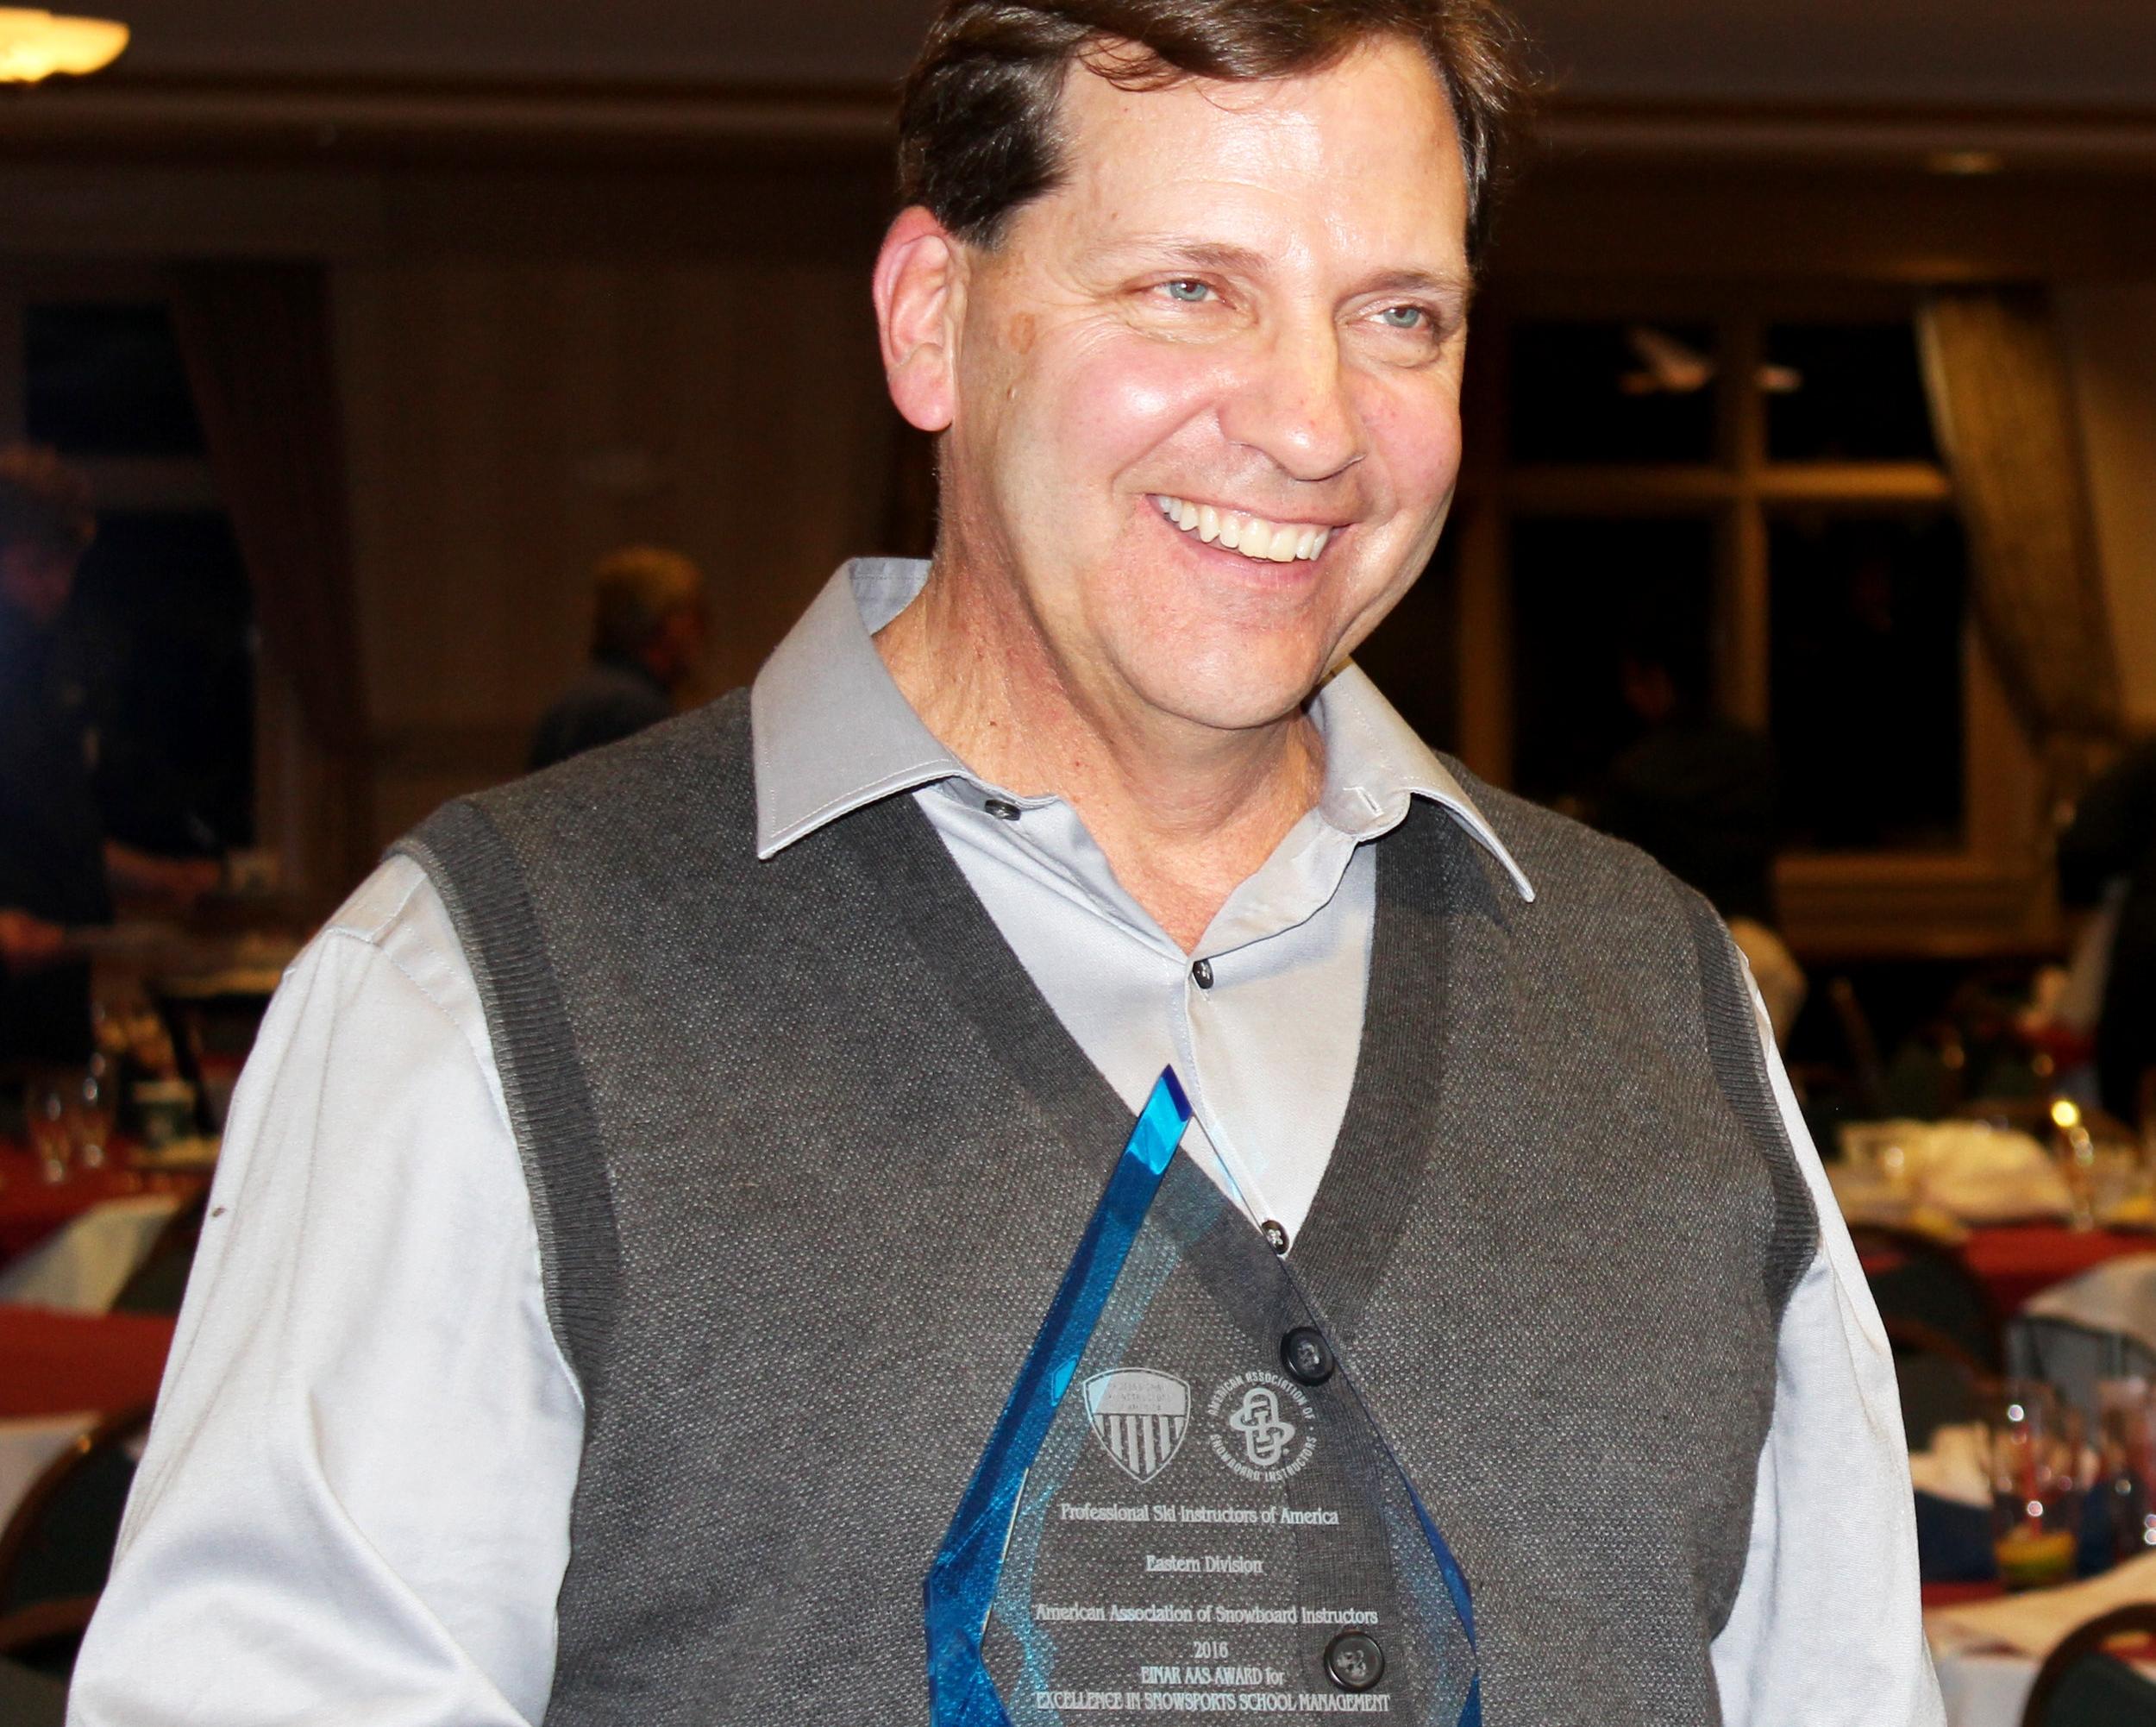 Peter Weber, Snowsports Director